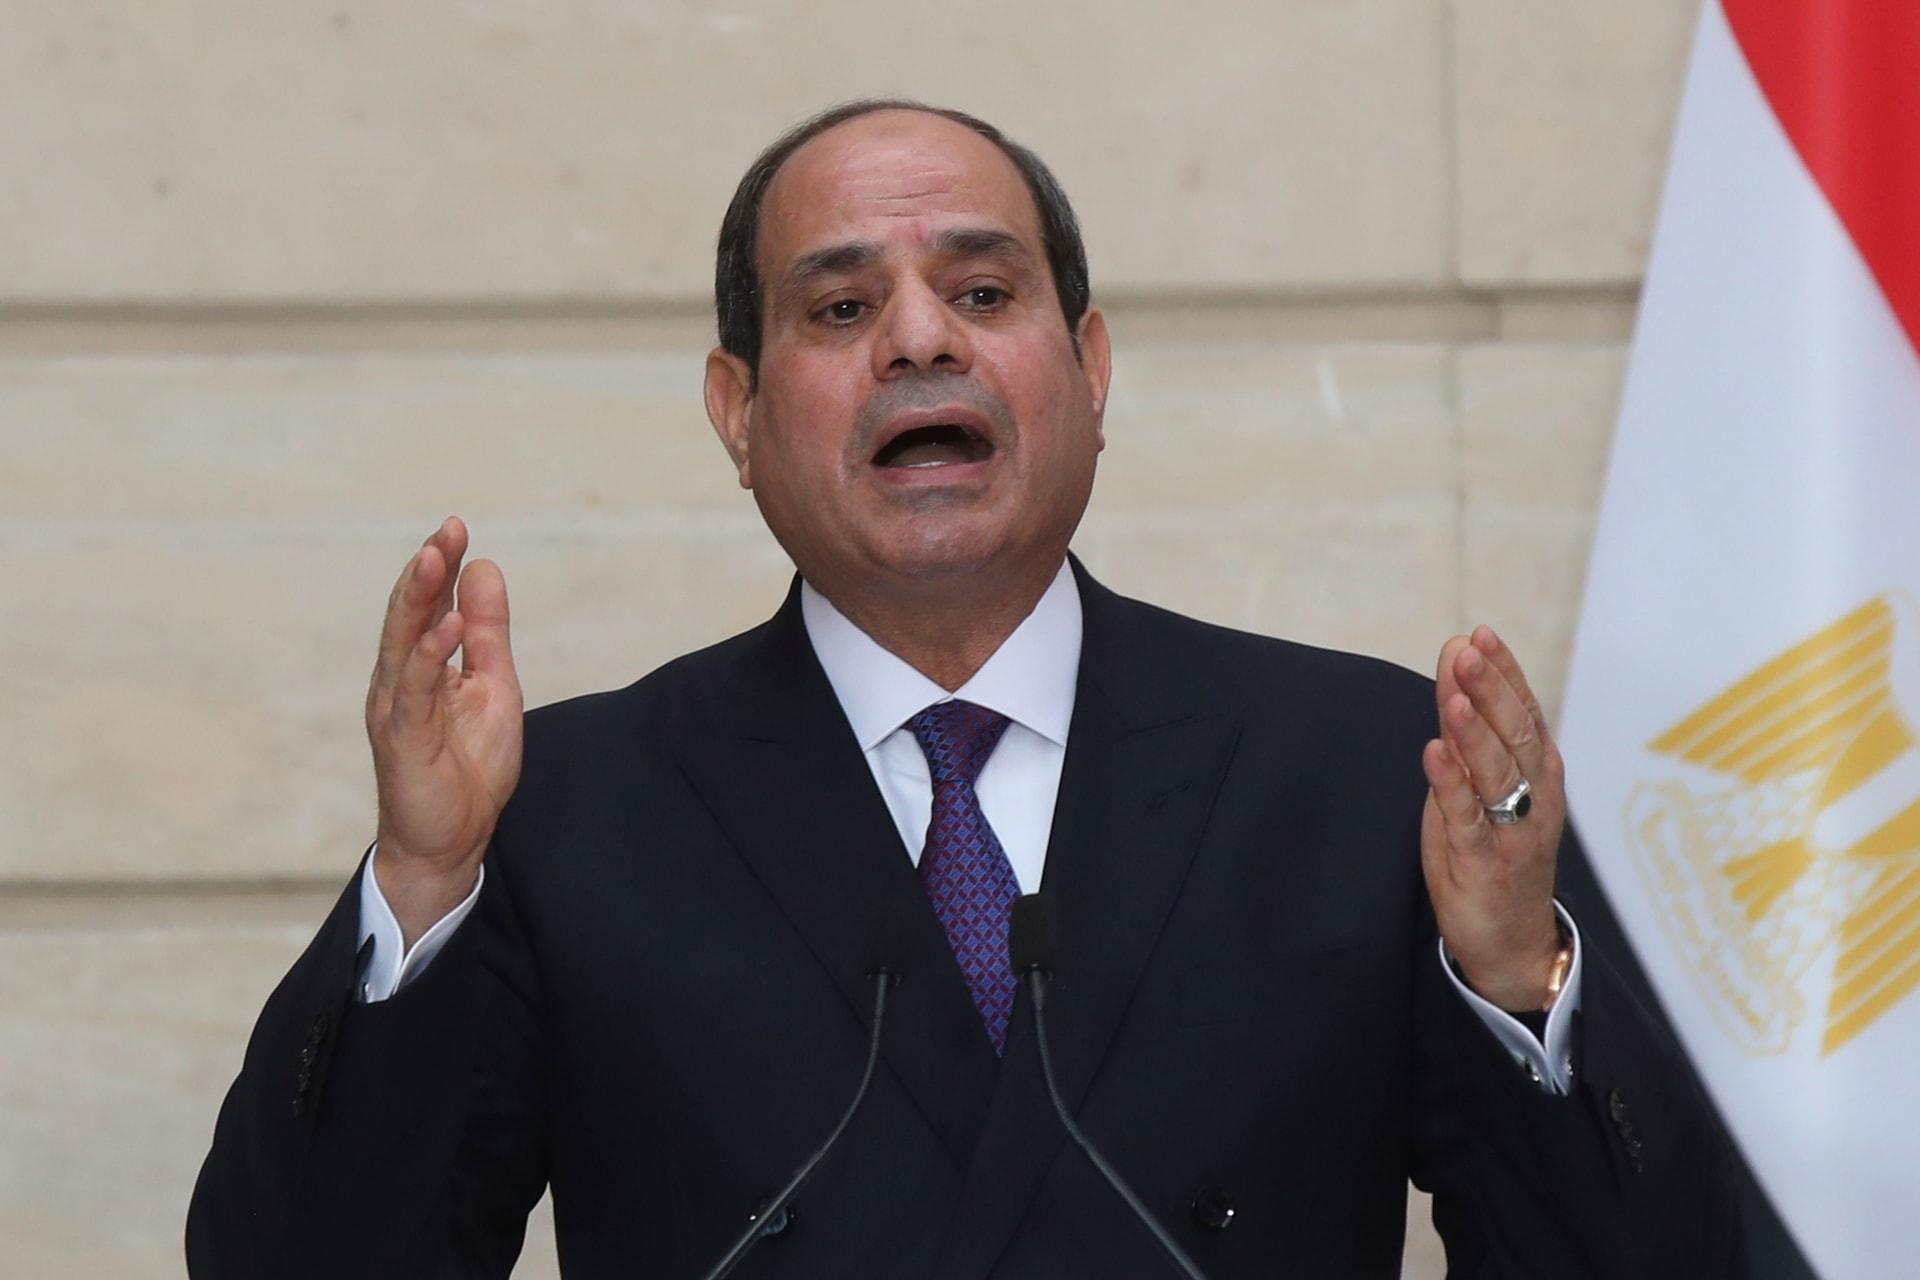 رئيس الحكومة المصرية: توجيهات من السيسي بالتحول نحو دولة مدنية ديمقراطية